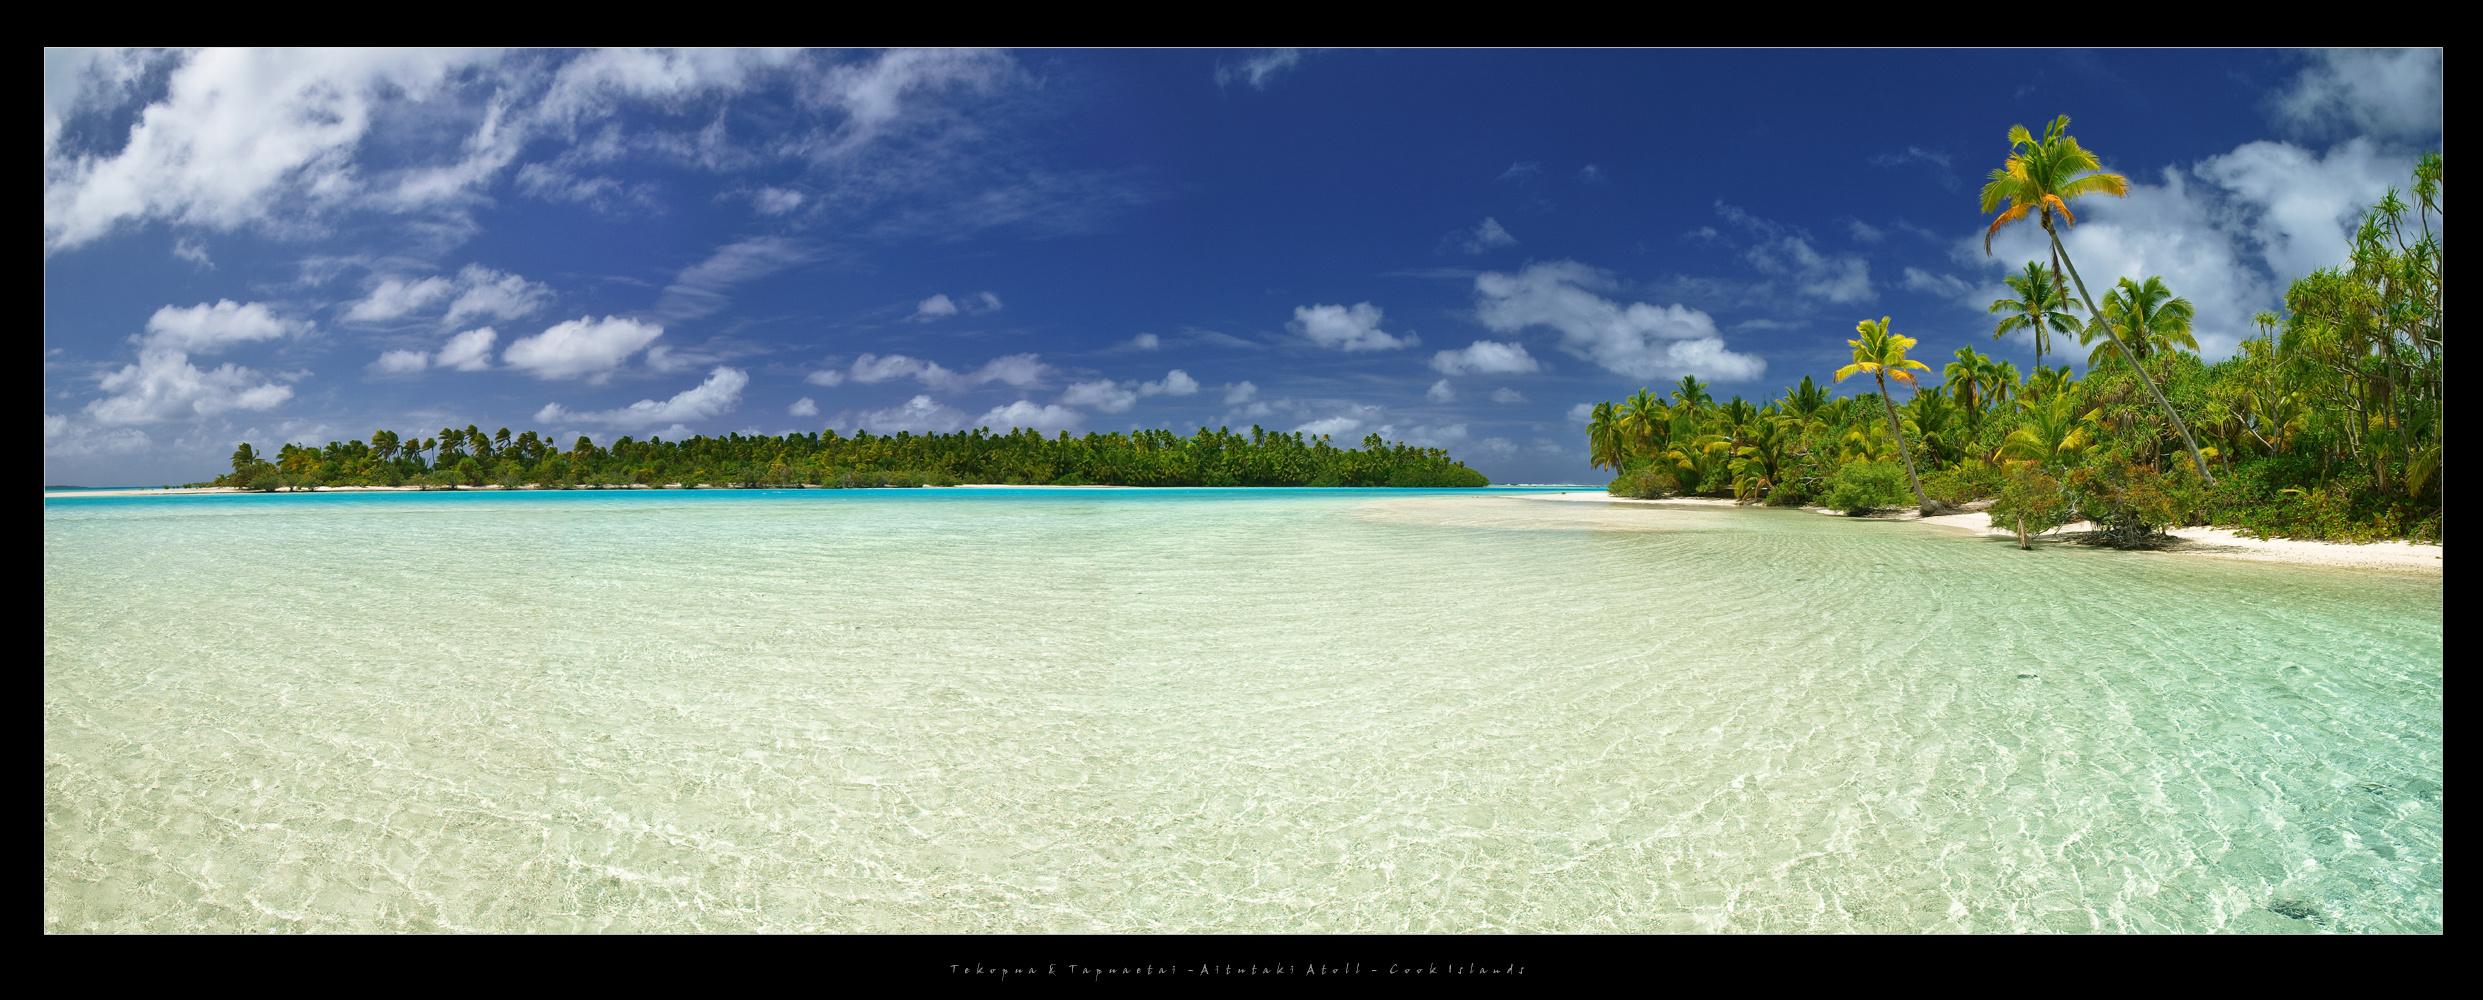 """Tekopua & Tapuaetai """"One Foot"""" Island - Aitutaki Atoll - Cook Islands 2011"""